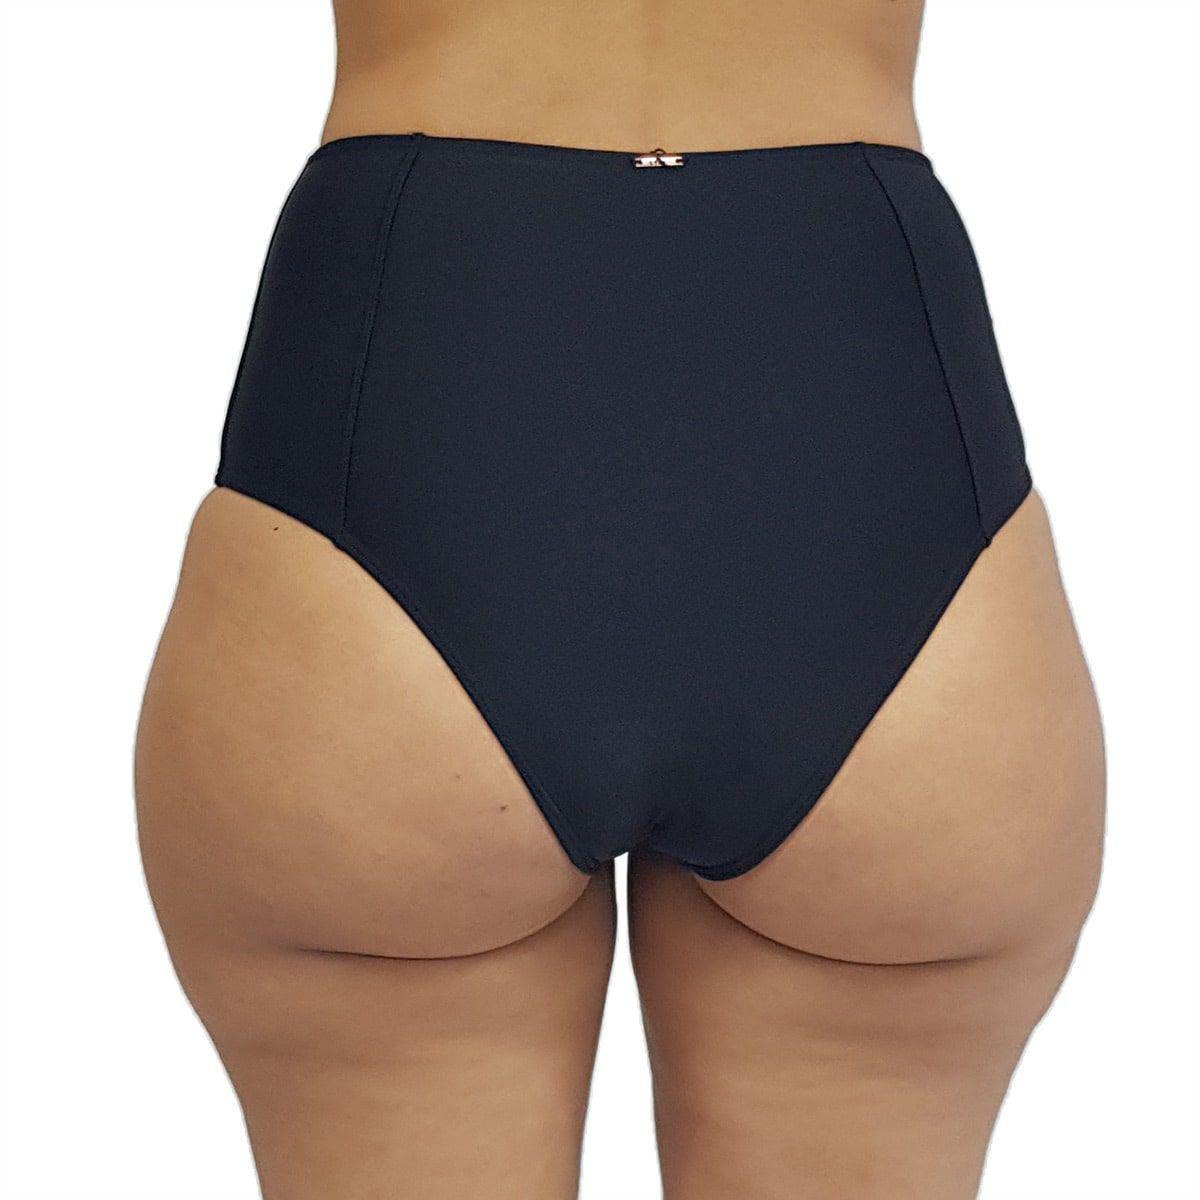 Calcinha de Biquíni Cintura Alta Hot Pant Preto